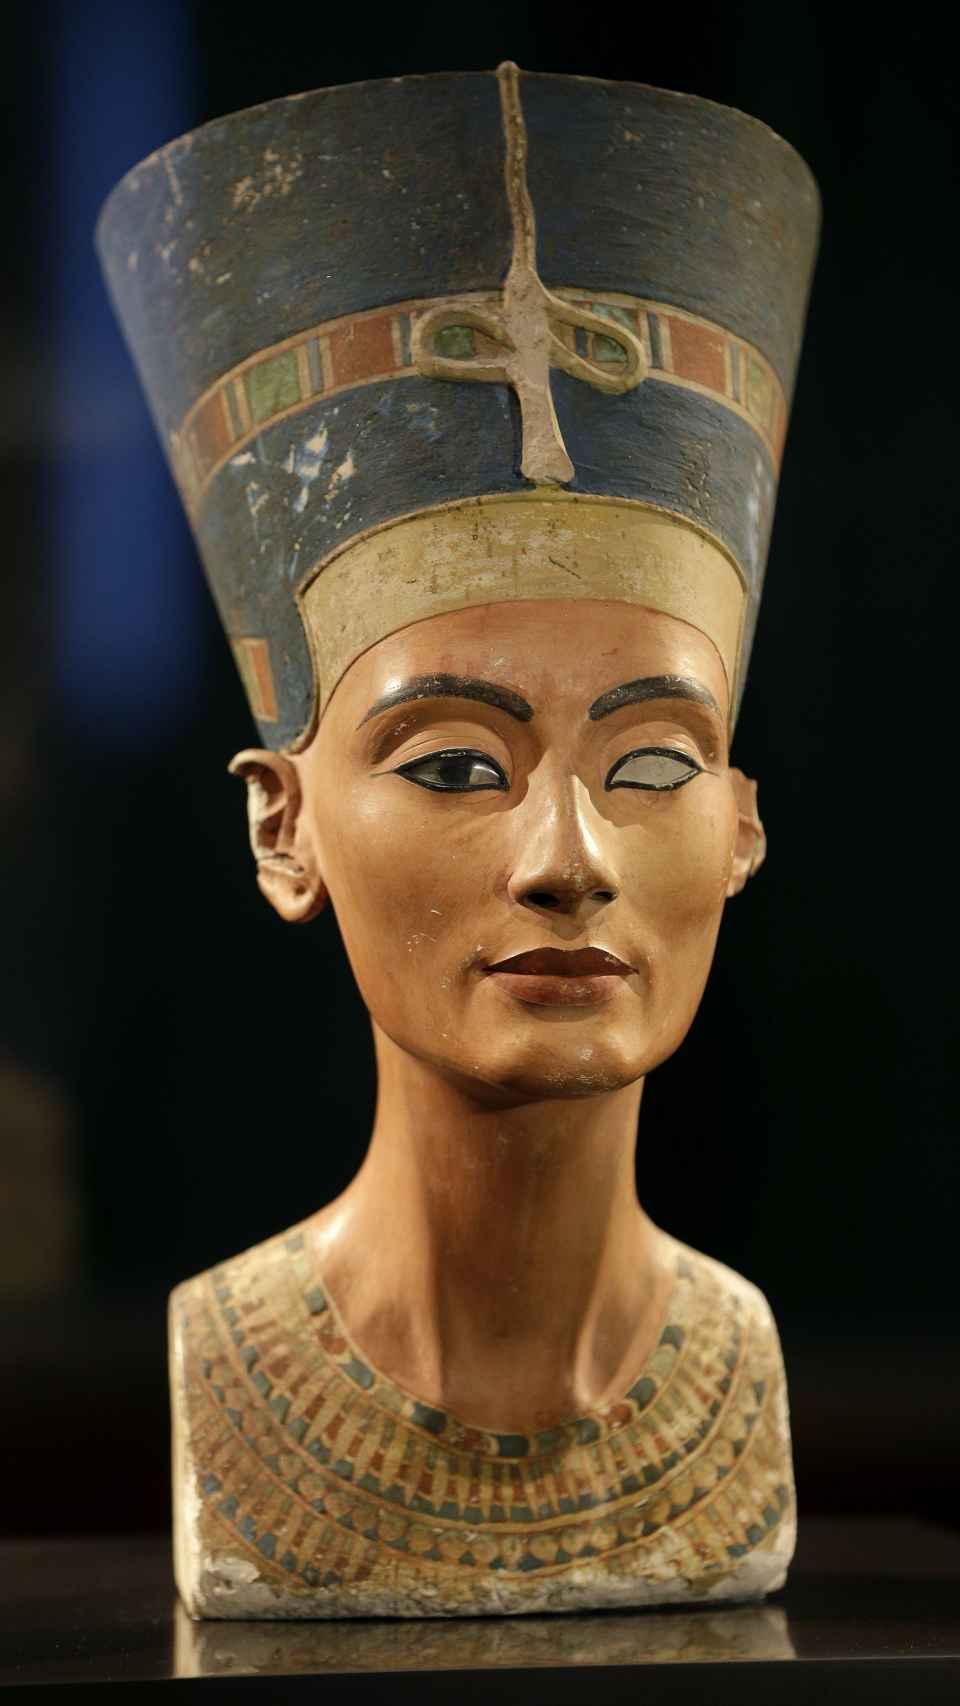 El maquillaje del antiguo Egipto se puede apreciar en el busto de Nefertiti.